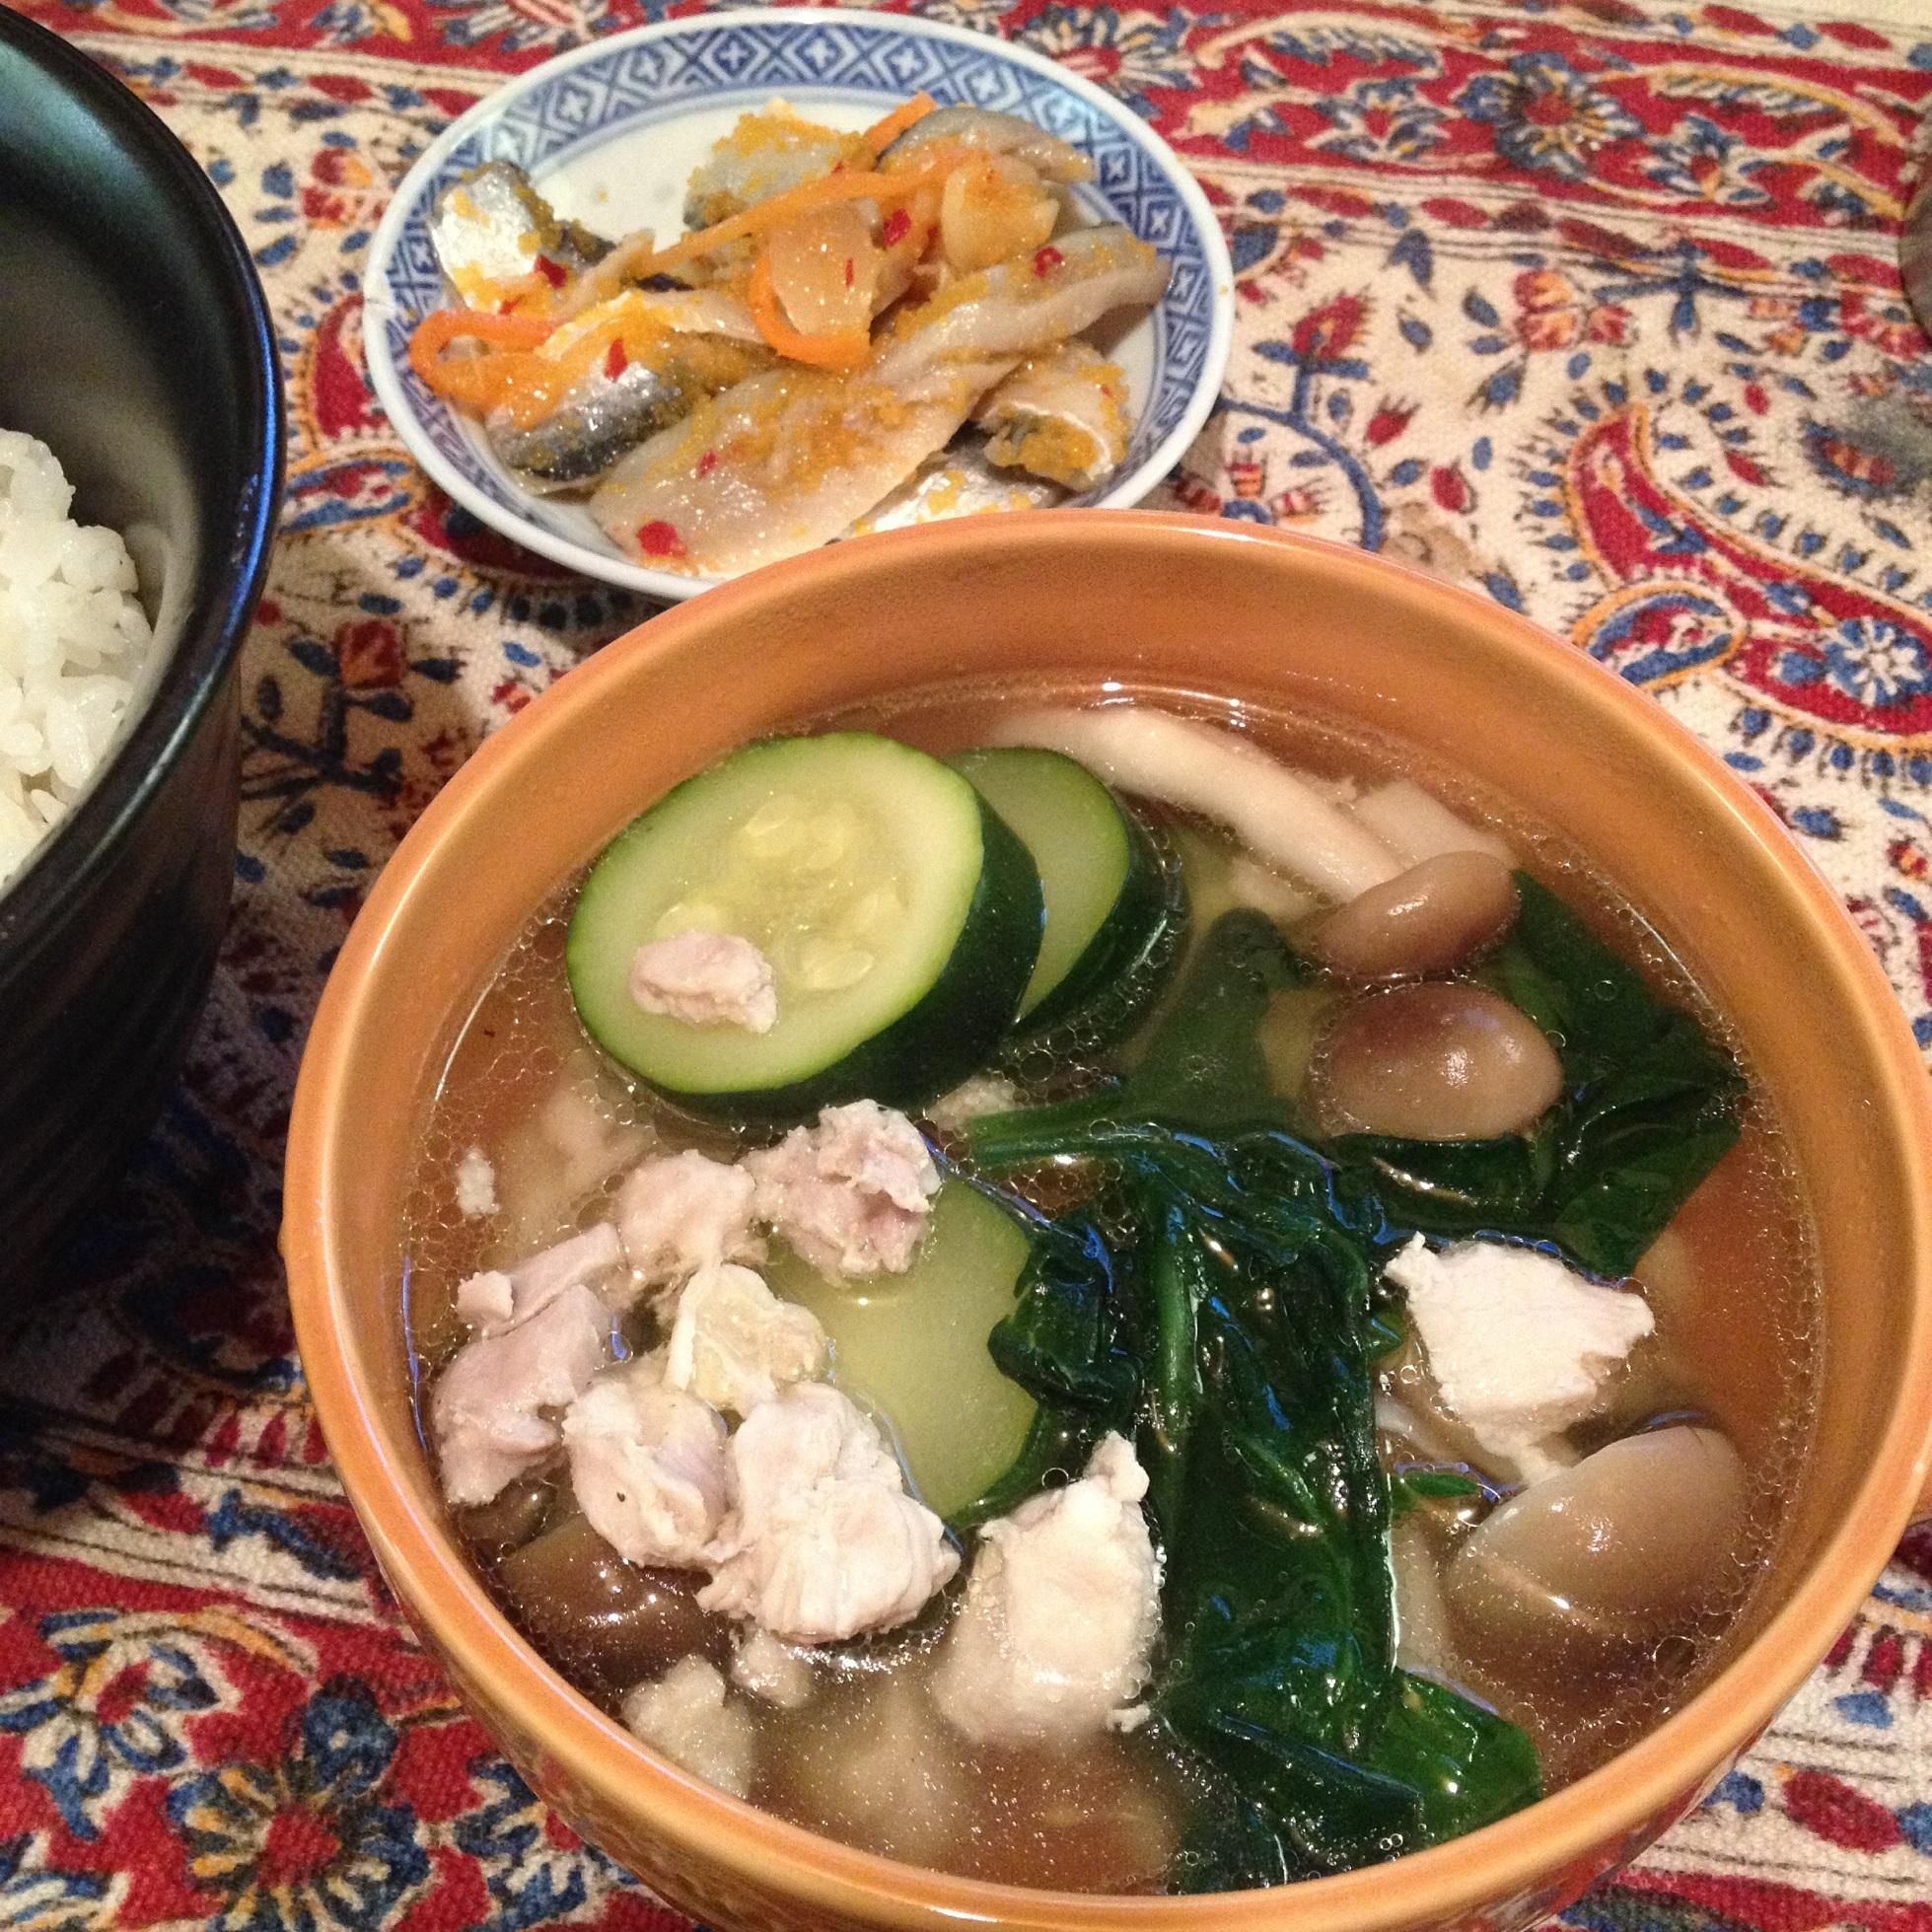 鶏肉とズッキーニのスープ定食